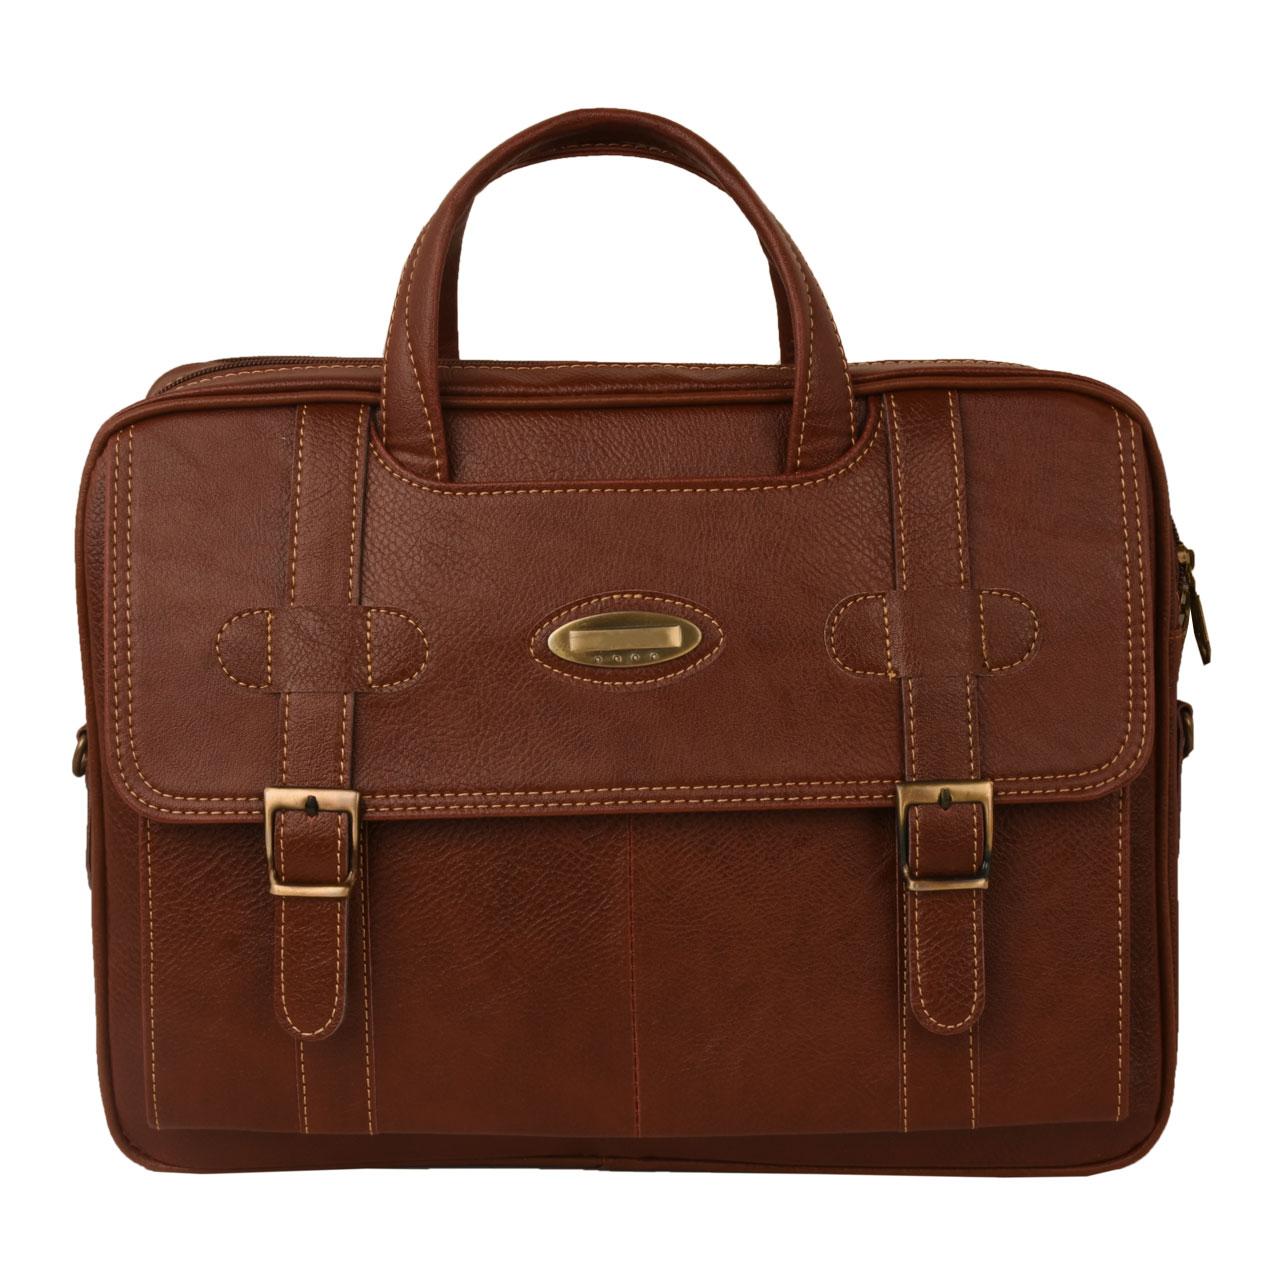 کیف اداری مردانه  کد P251-7